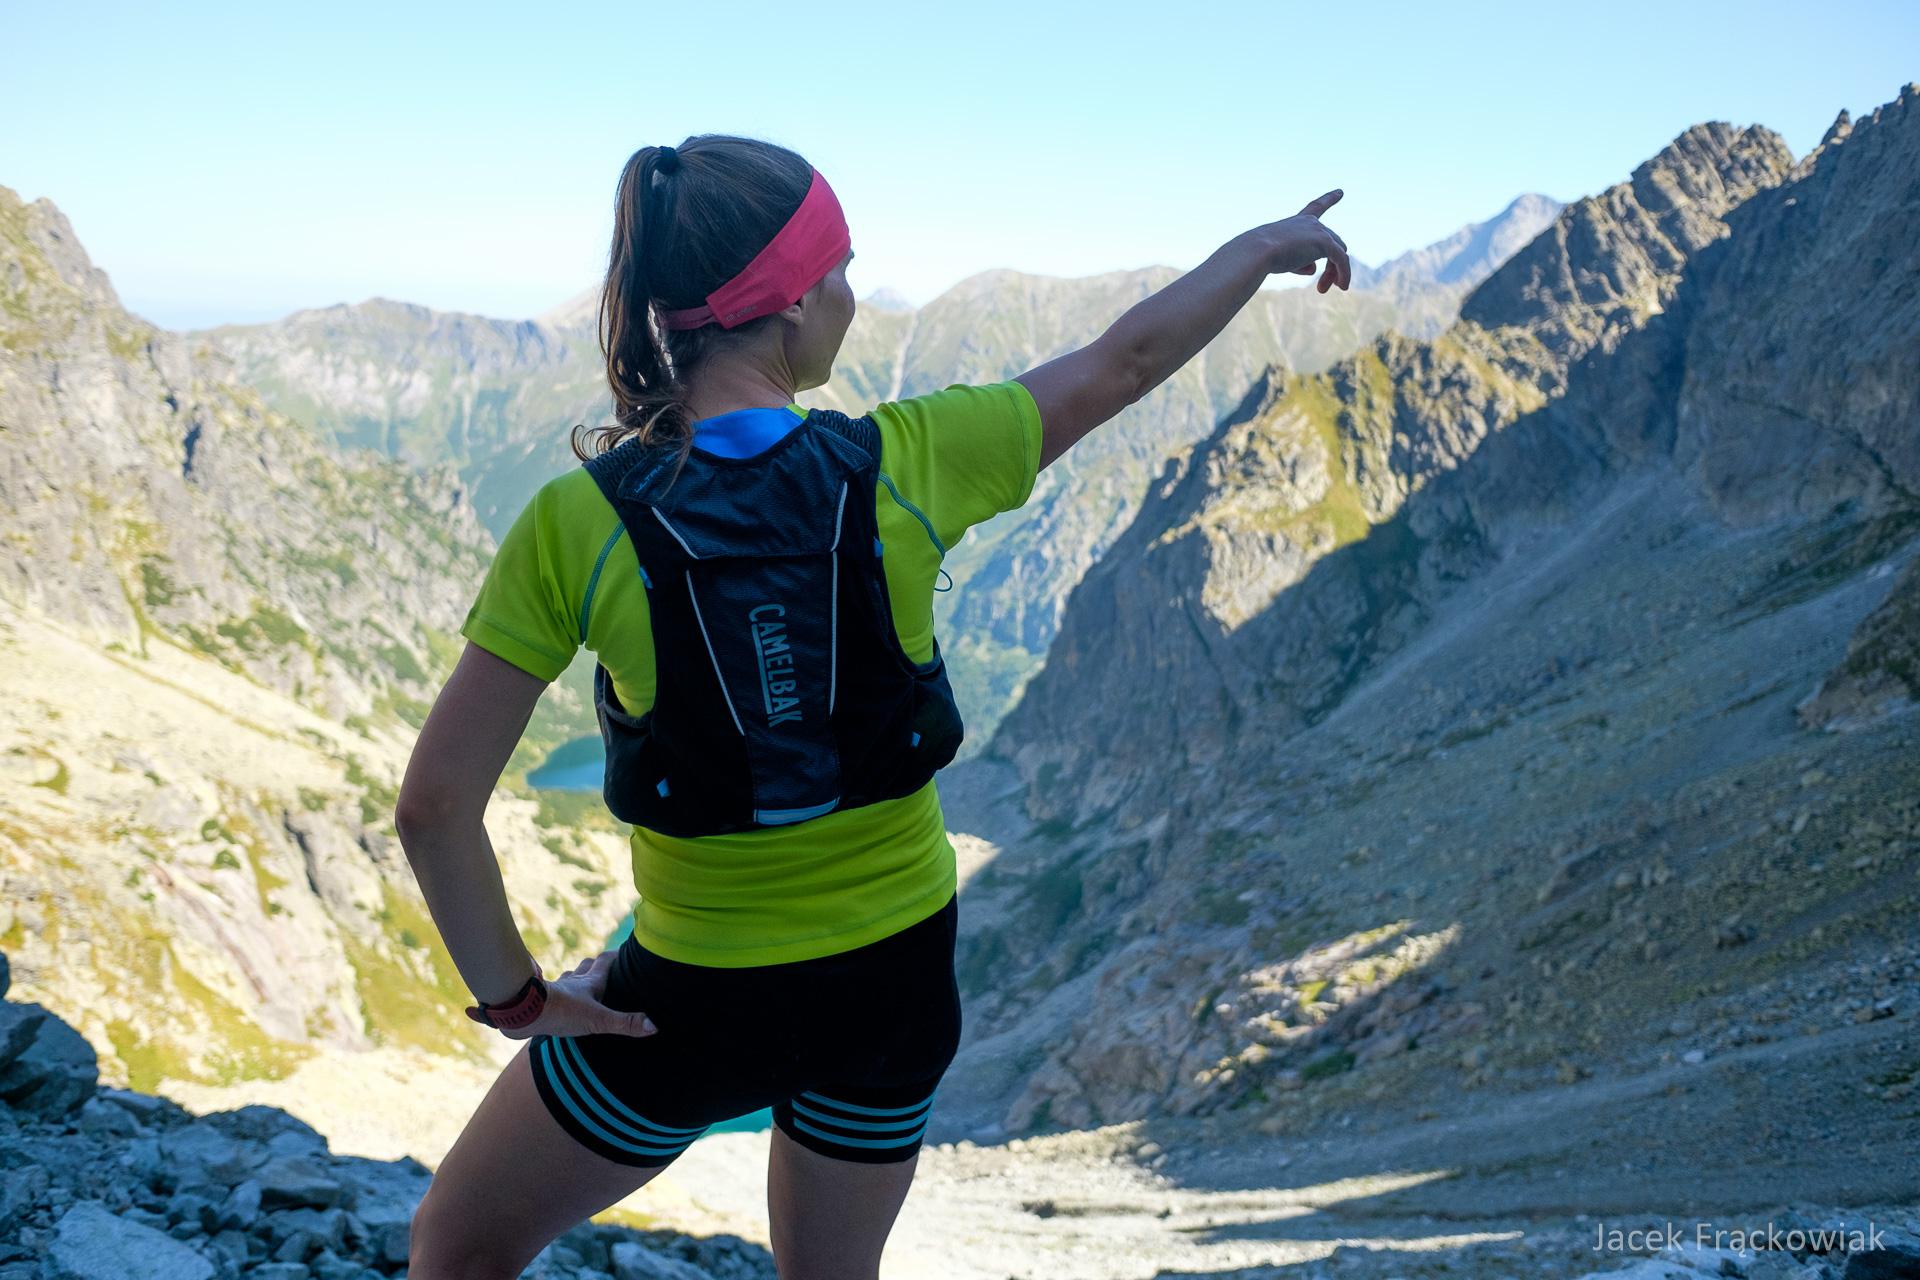 Kamizelka biegowa CamelBak Ulra Pro Vest. Tatry Wysokie, Waga i Dolina Ciężka